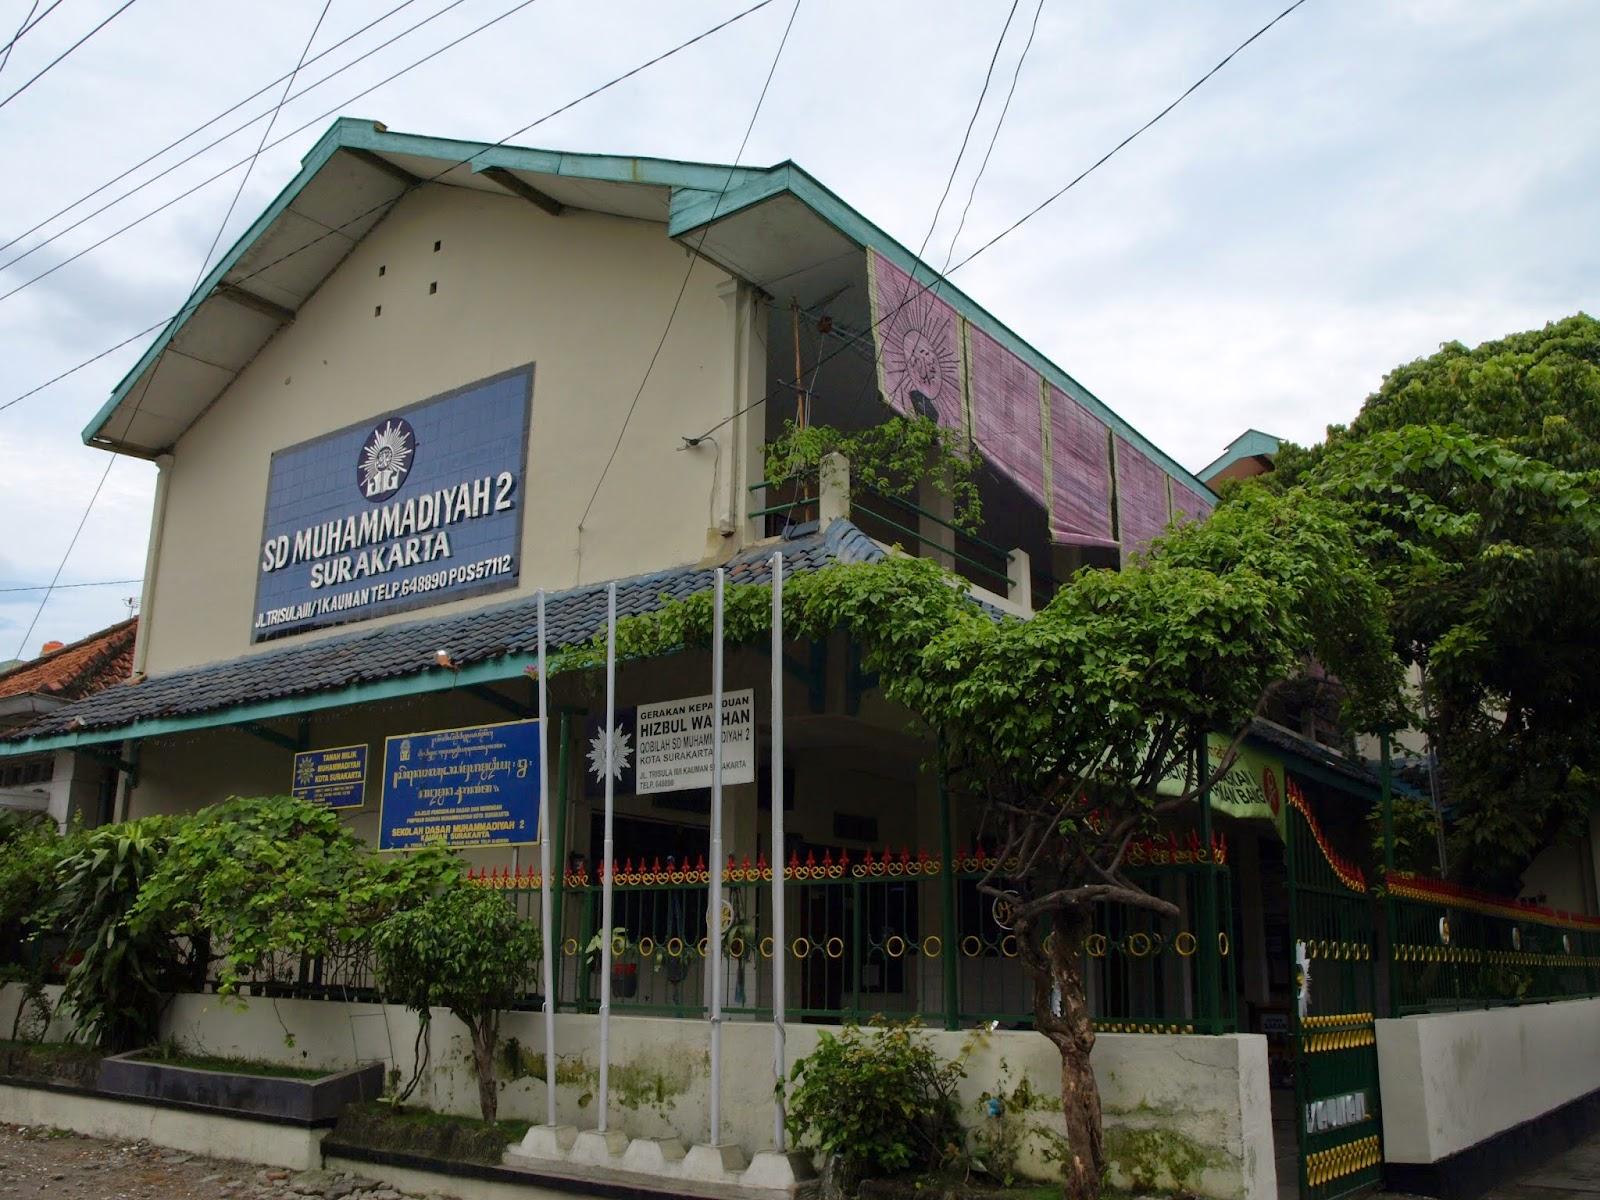 SD Muhammadiyah 2 Kauman Surakarta